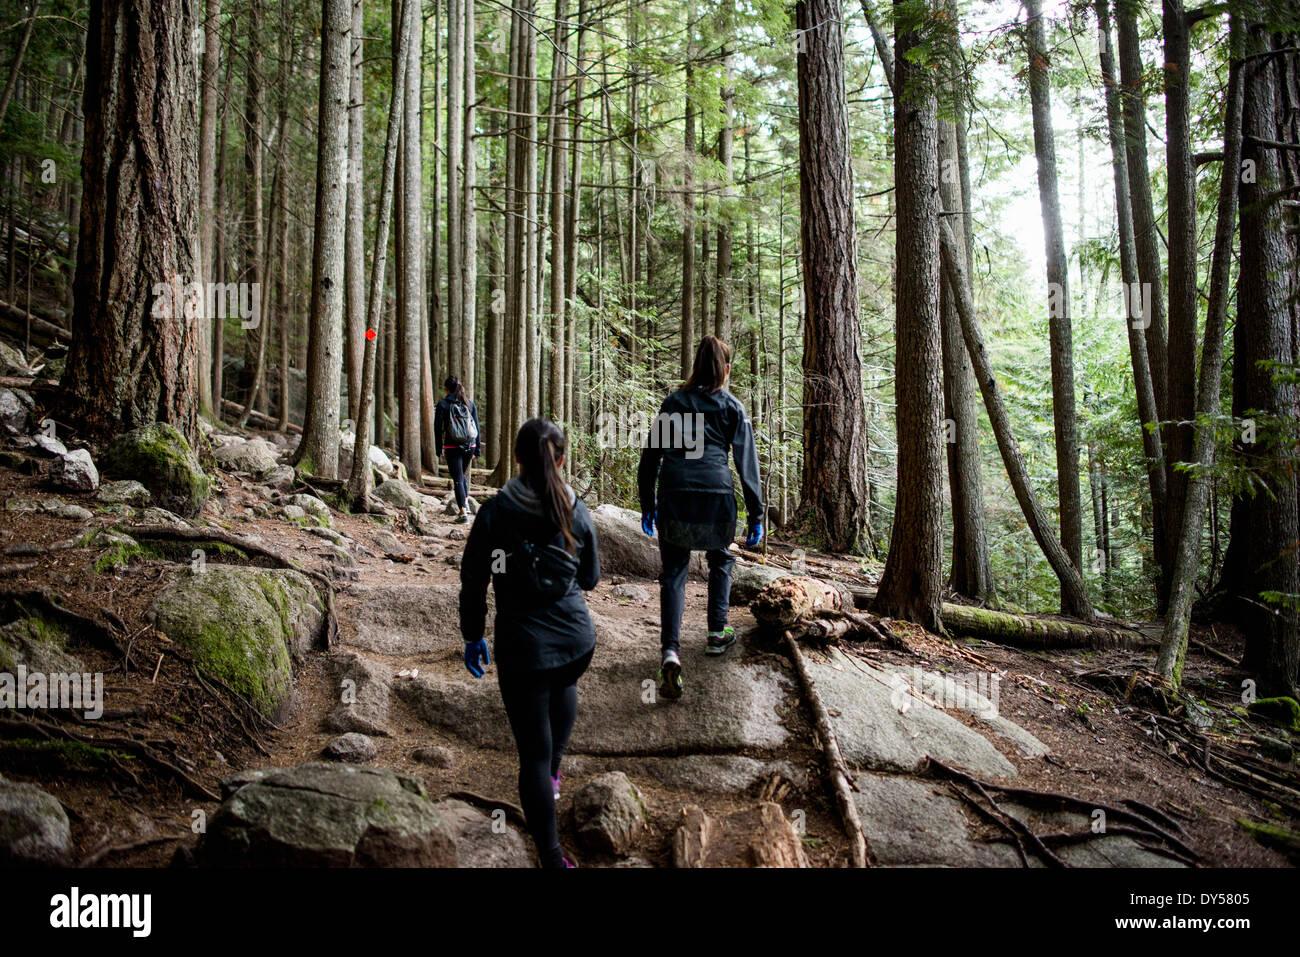 Tres jóvenes mujeres excursionistas en bosque, Squamish, British Columbia, Canadá Imagen De Stock